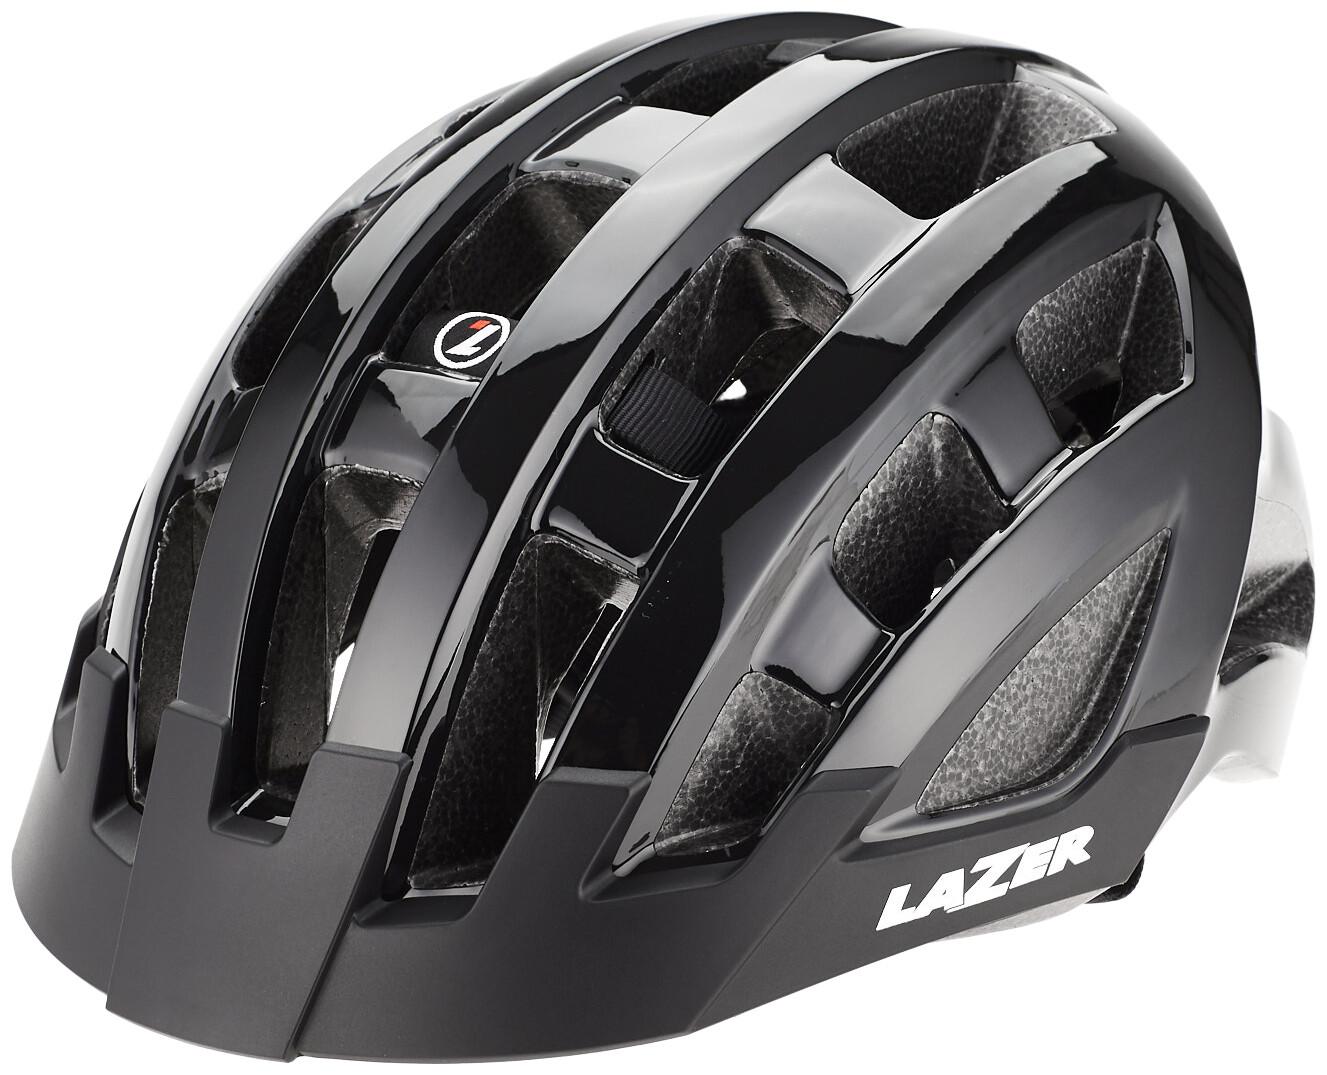 Lazer Compact cykelhjelm - Fluo   cykelhjelm